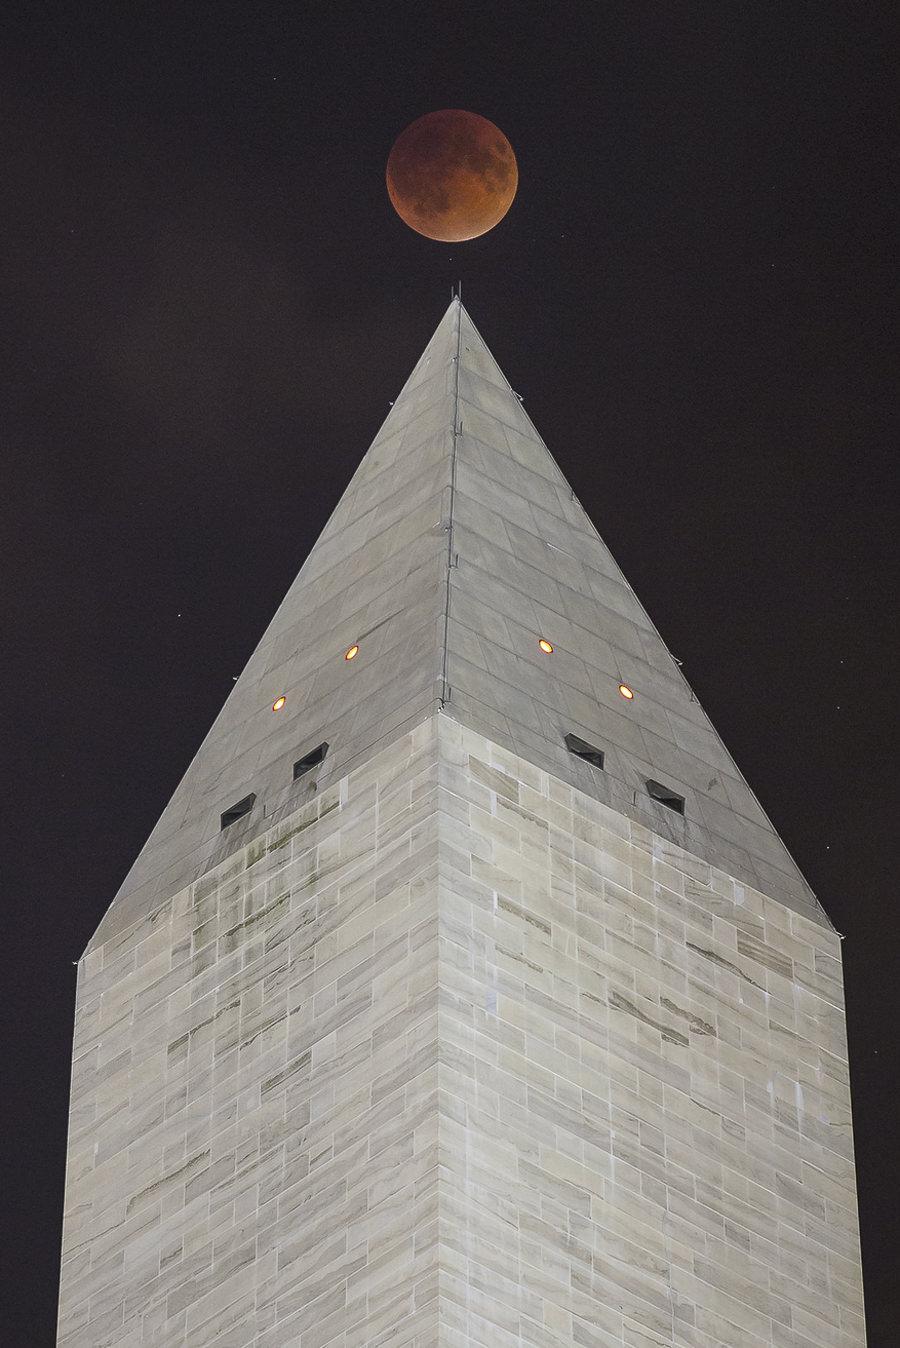 Super Blood Moon by Harrison Jones